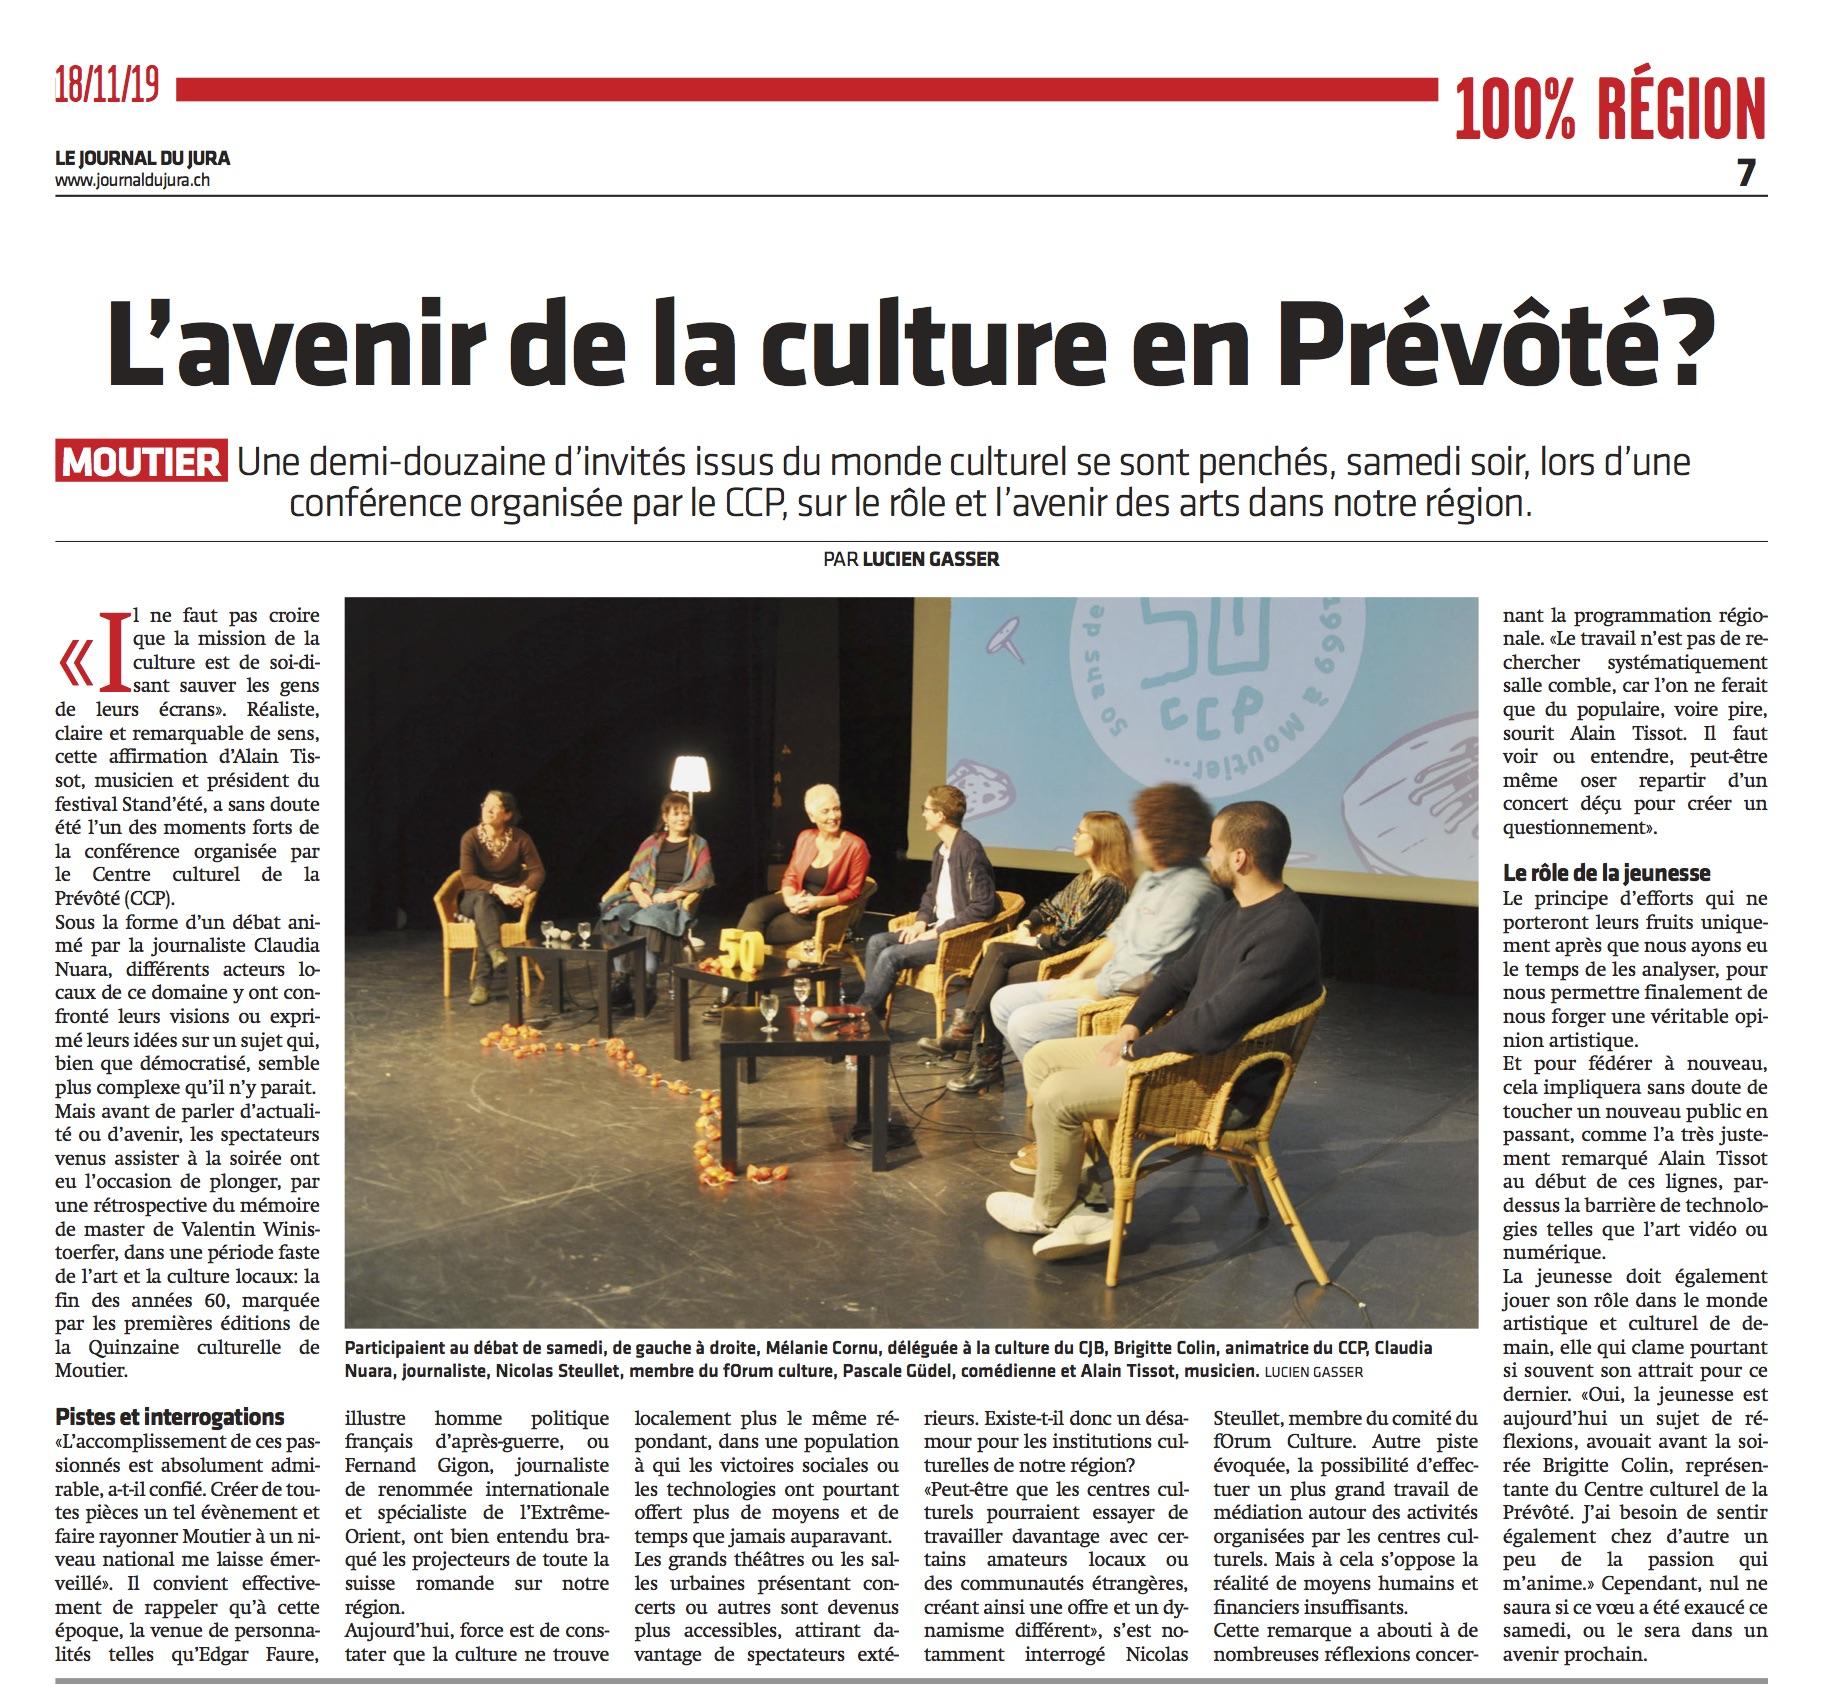 L'article du JdJ sur la table ronde organisée samedi soir à Moutier